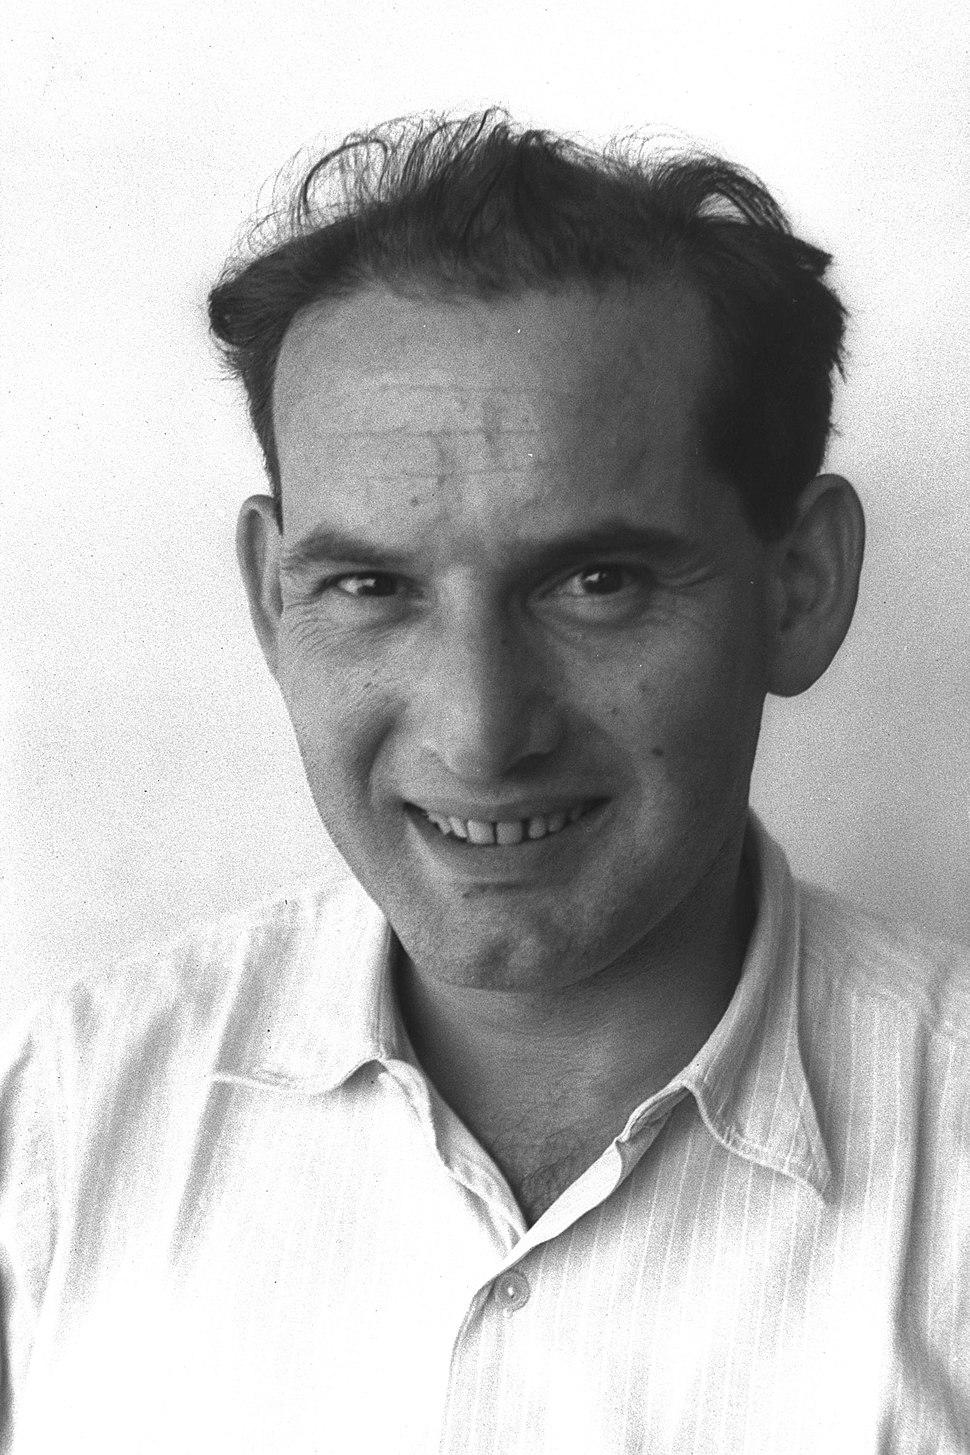 אברהם הרמן בשנת 1950, עת שימש כקונסול כללי של ישראל בקנדה